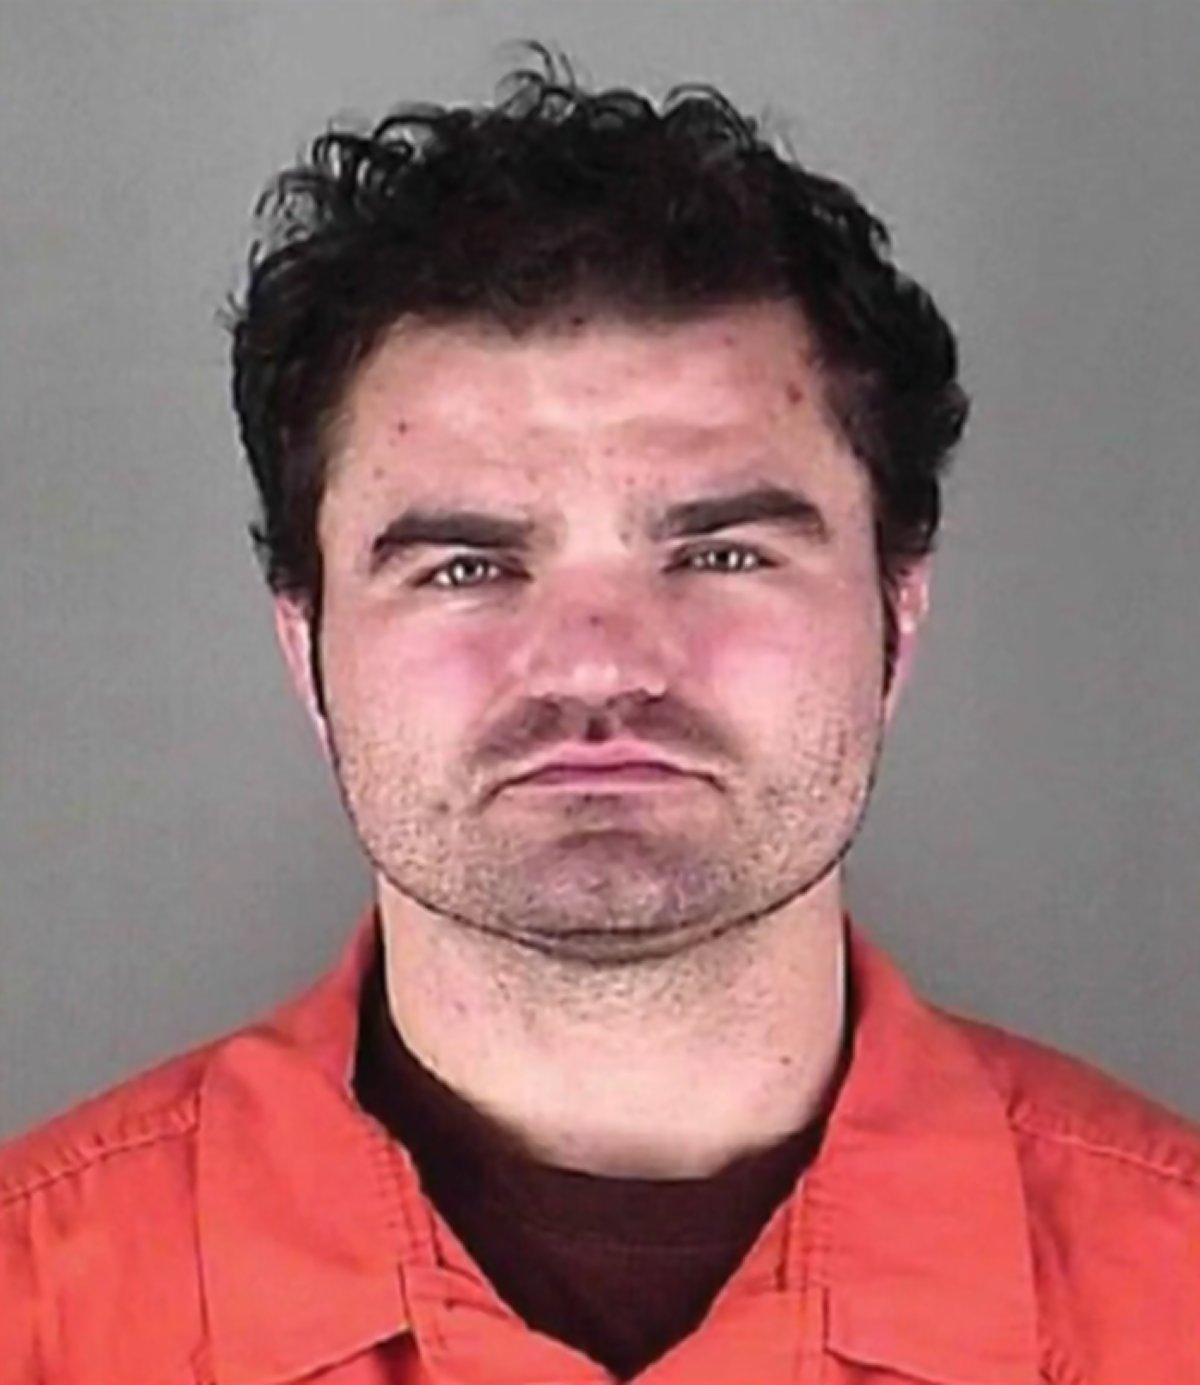 Ο 31χρονος δολοφόνος.